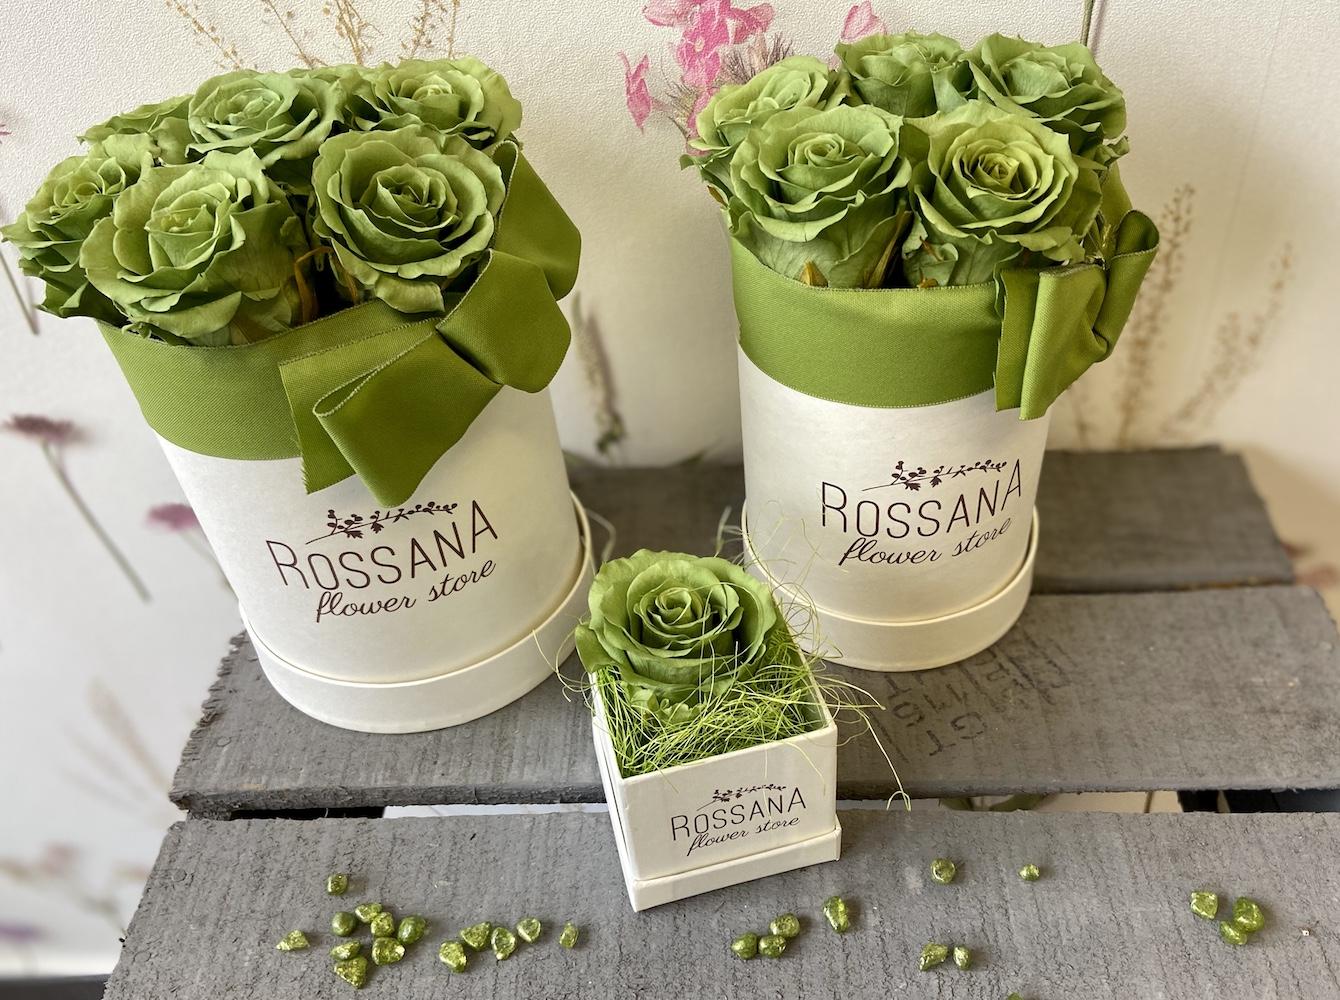 flower box rose stabilizzate verde florashopping Rossana flower store NovellinoIMG_0450